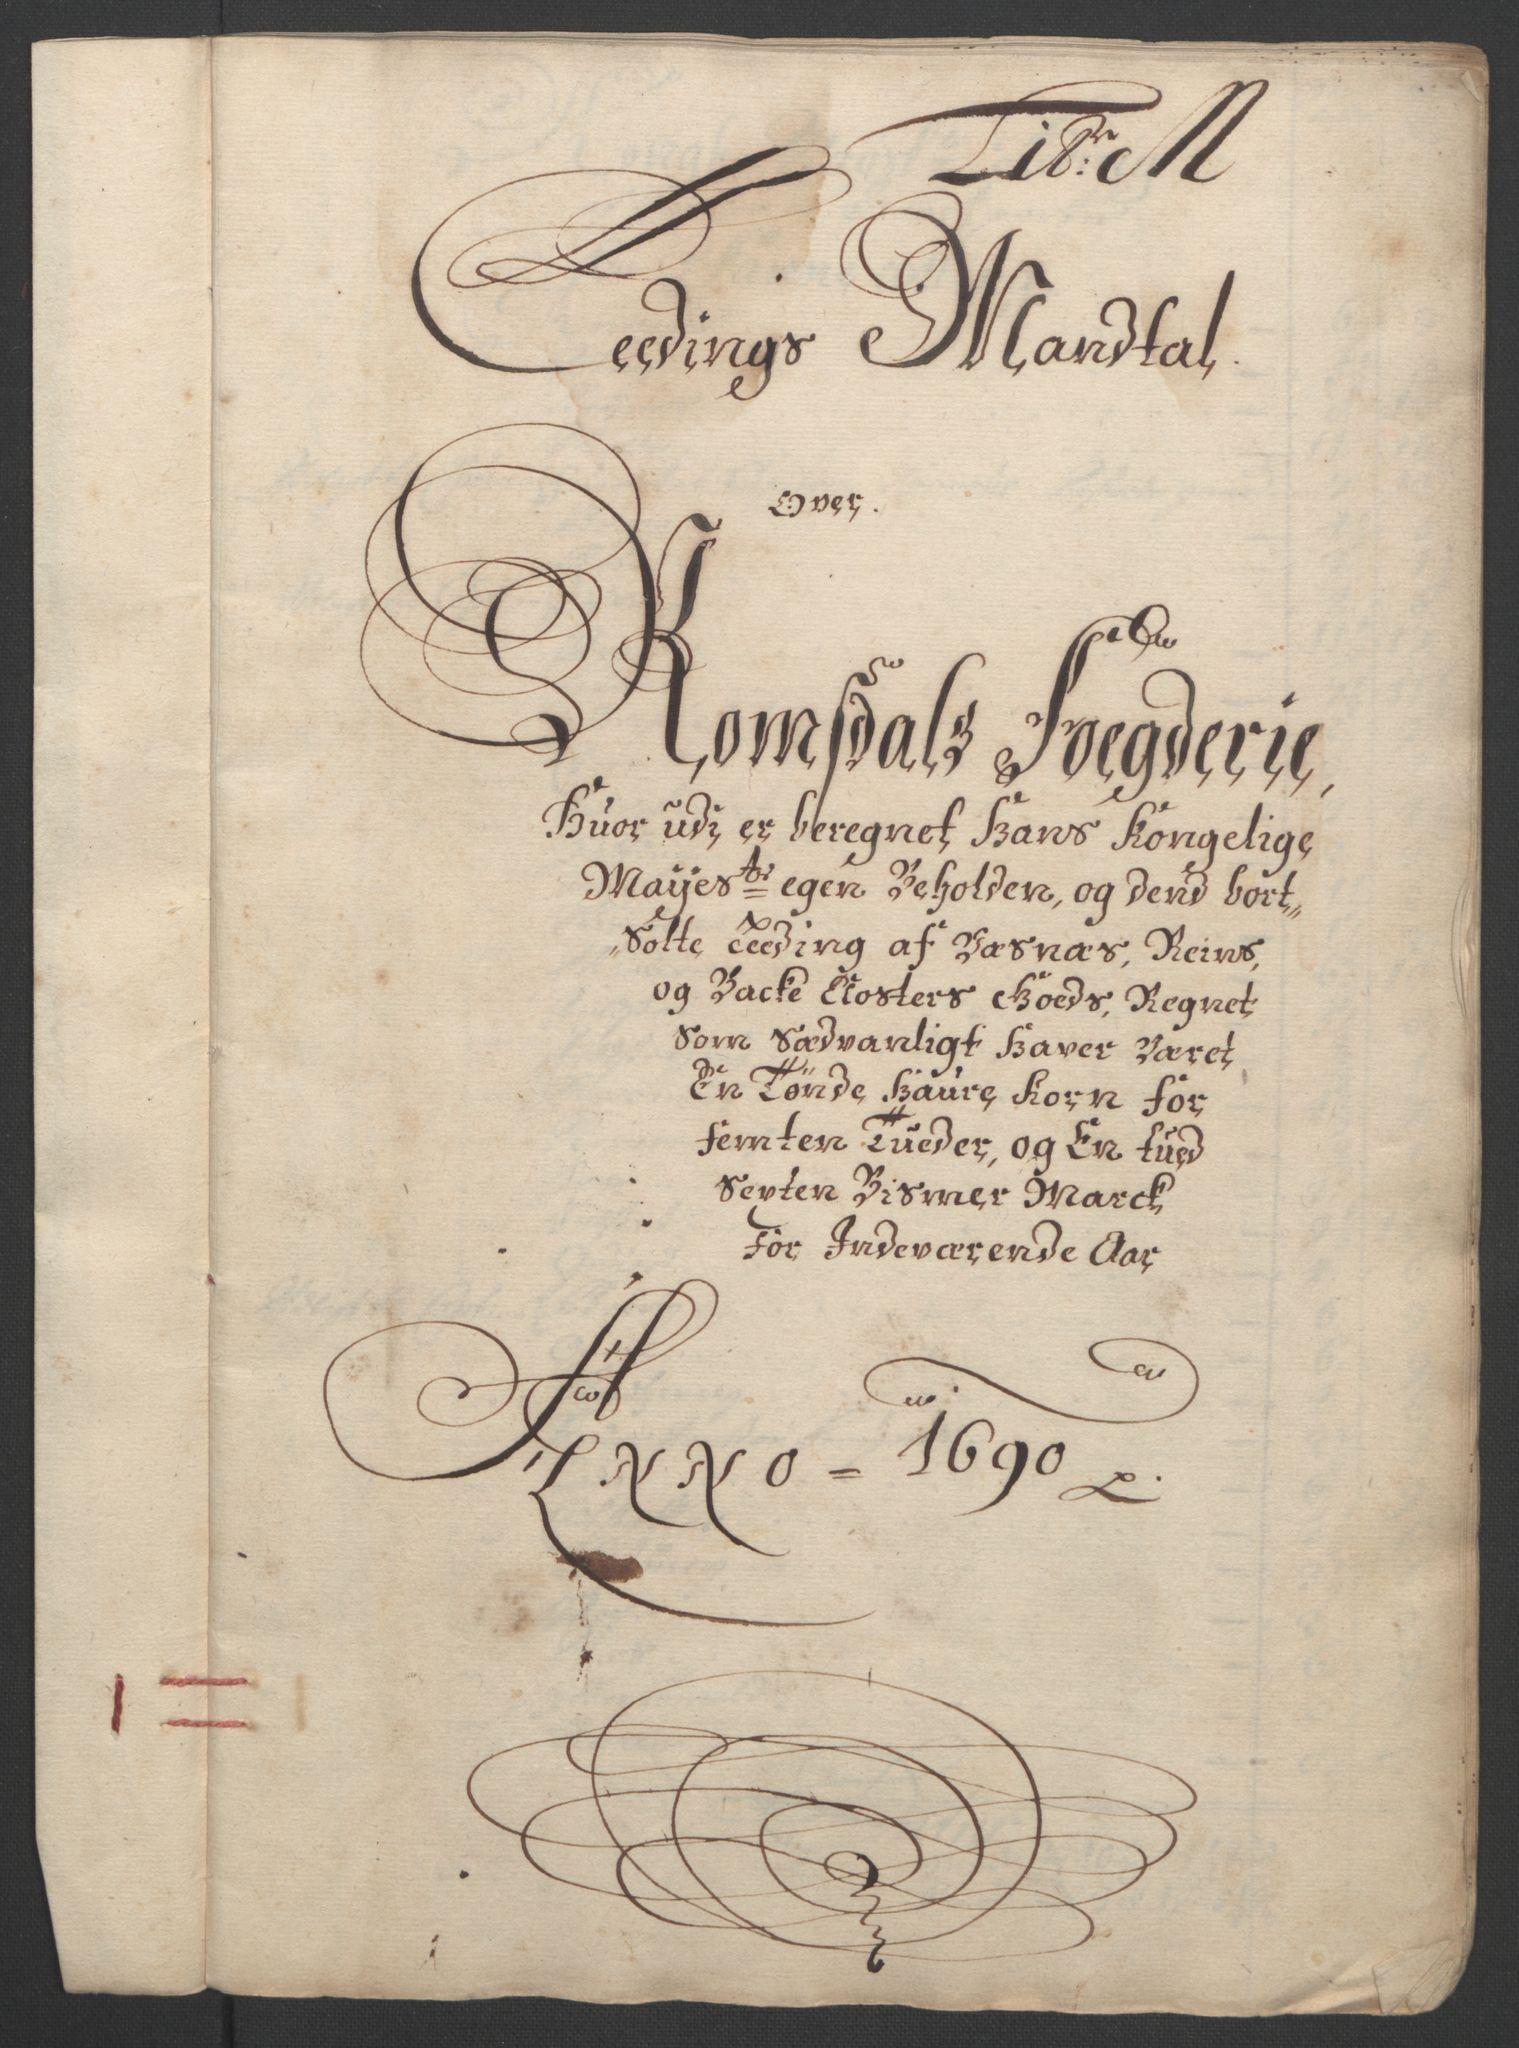 RA, Rentekammeret inntil 1814, Reviderte regnskaper, Fogderegnskap, R55/L3649: Fogderegnskap Romsdal, 1690-1691, s. 131